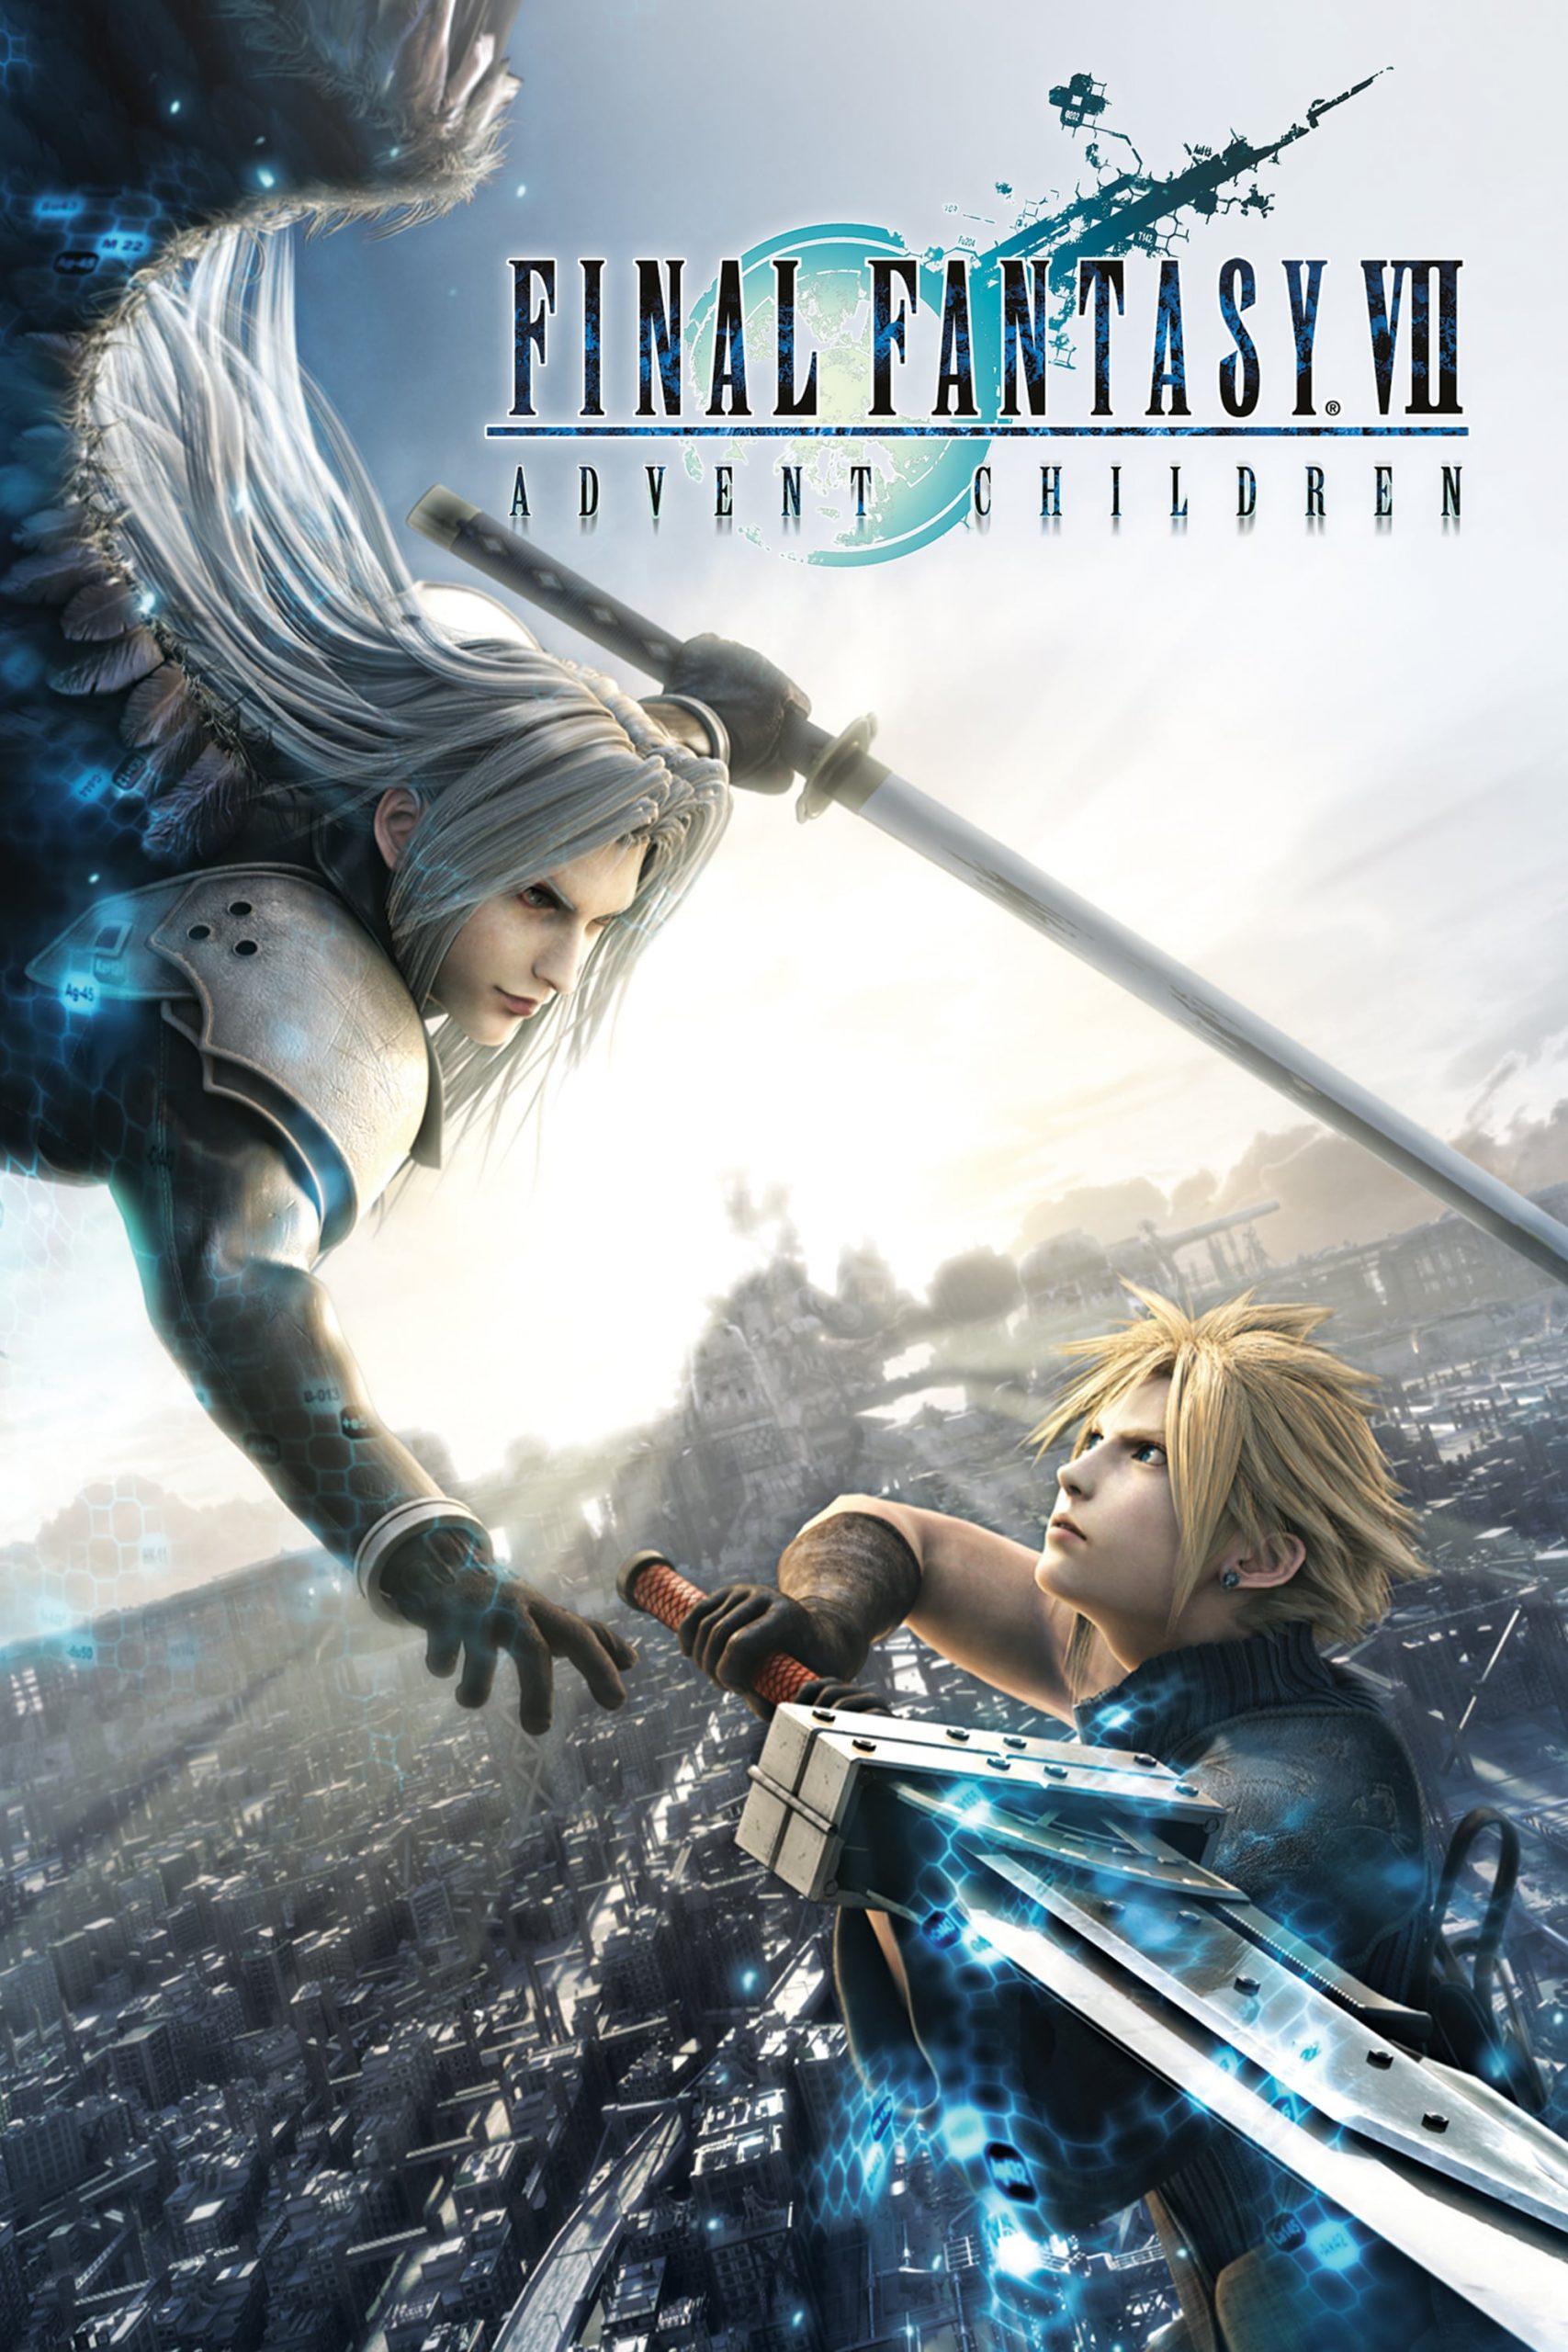 دانلود انیمیشنFinal Fantasy VII: Advent Children 2005 با دوبله فارسی